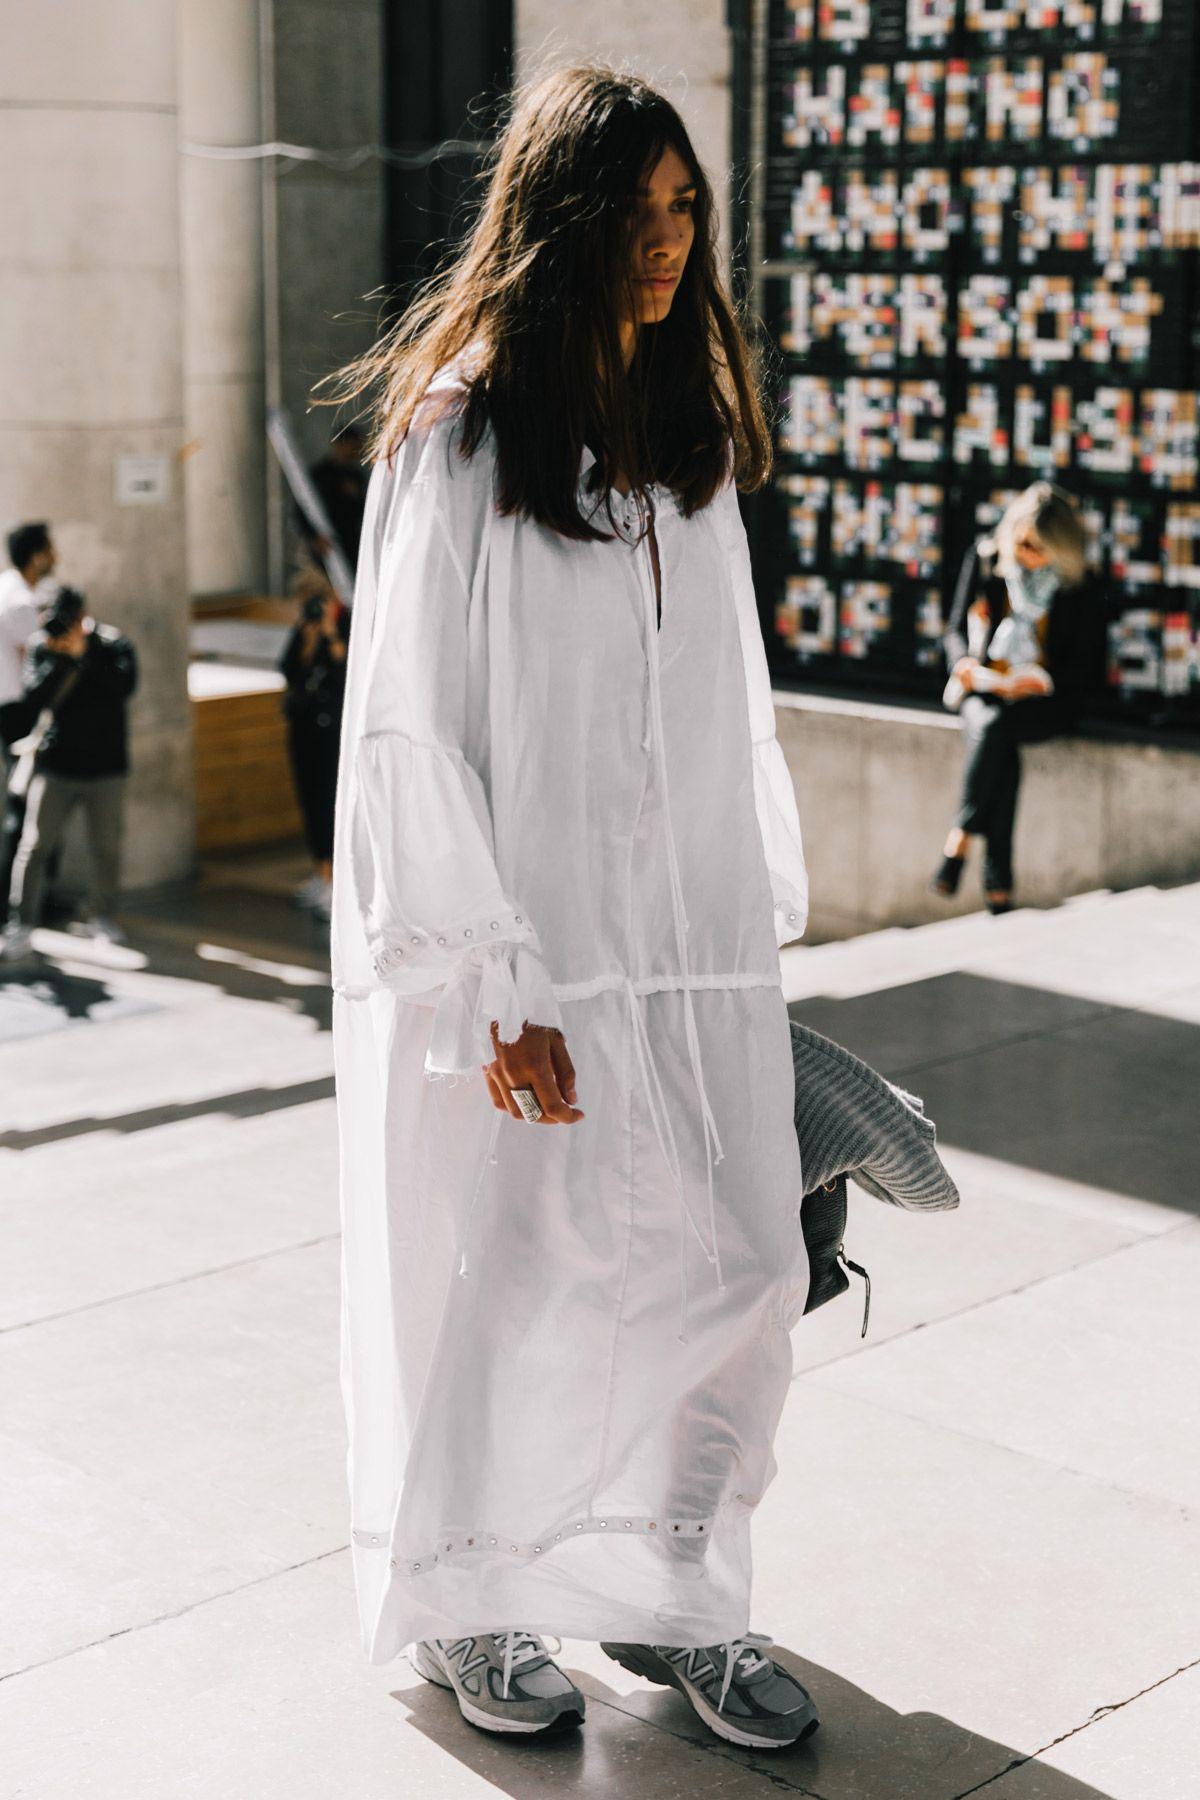 Street Style #PFW / Día 3: de pantalones 'culotte' vaqueros, sudaderas, jerséis de lana y muchas botas. Todas las tendencias están en las calles de París. © Diego Anciano / @collagevintage2 #mensstreetstylesummer